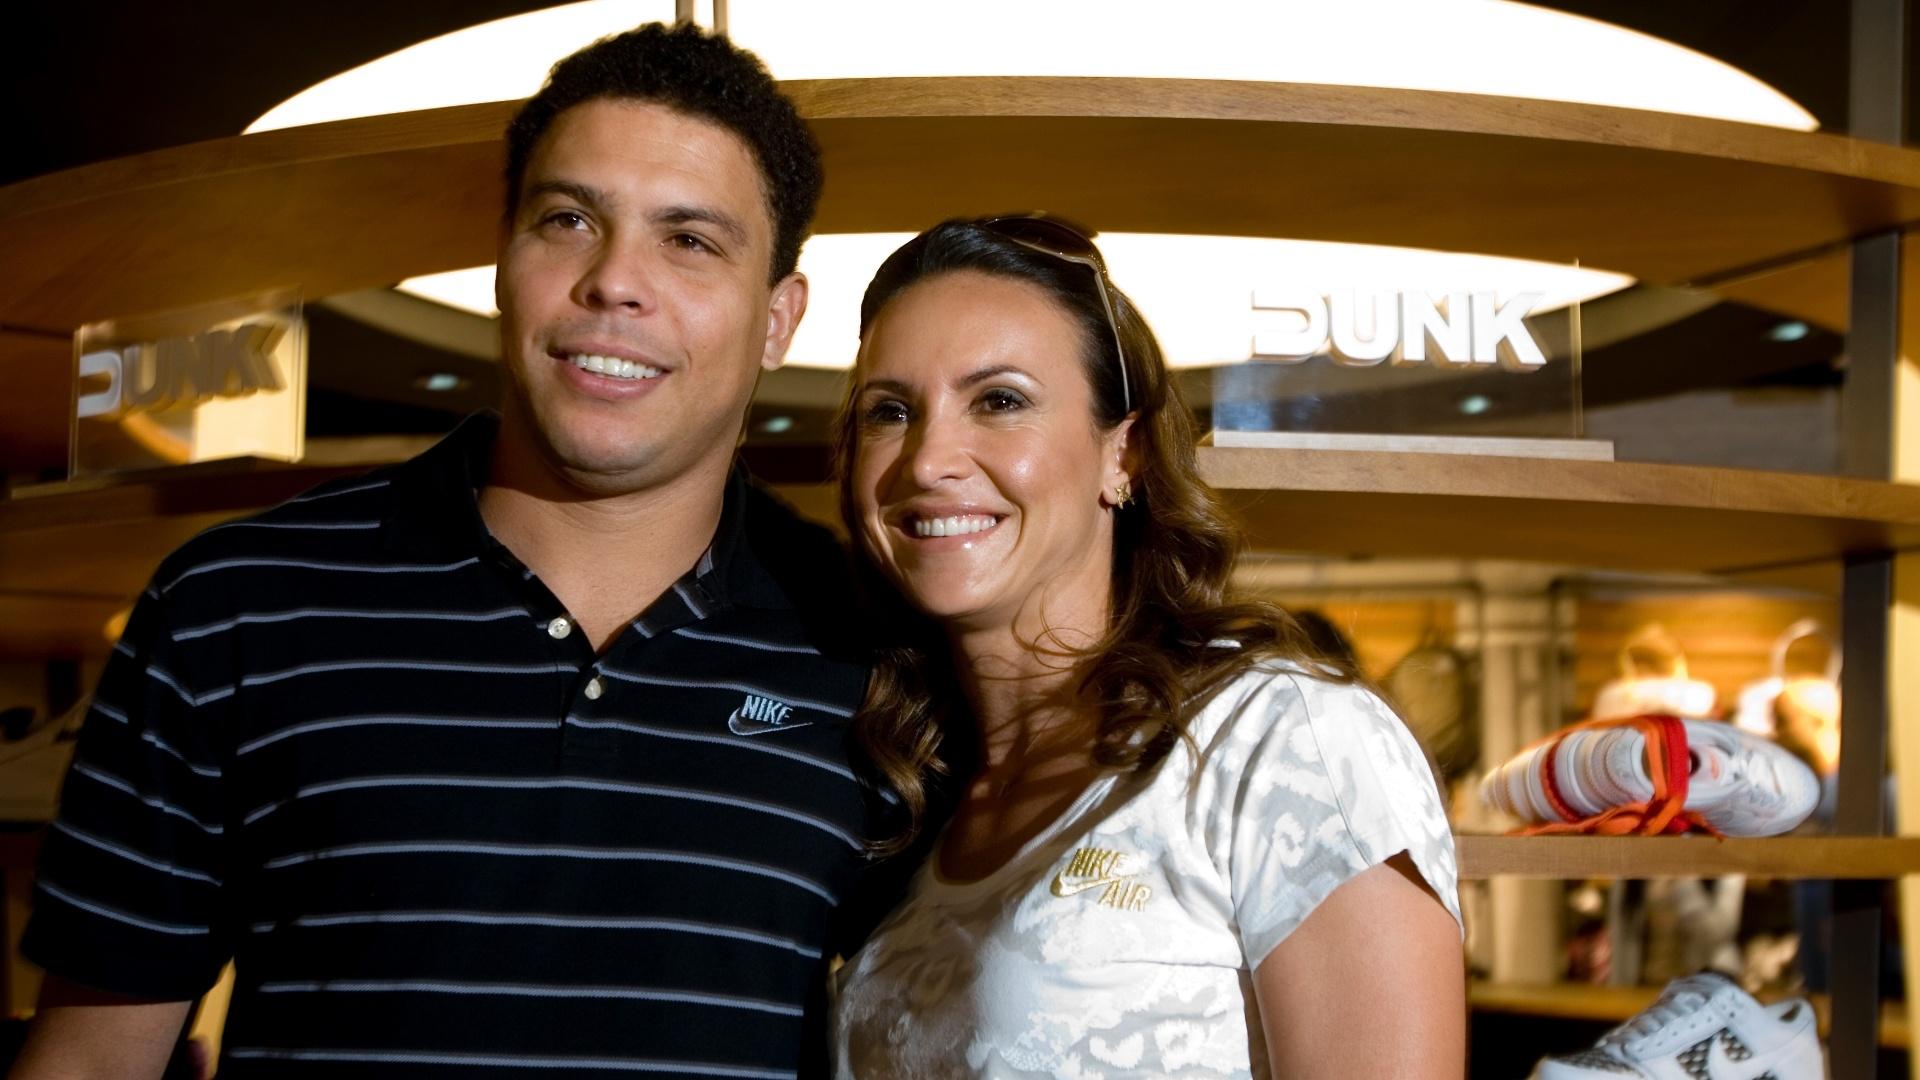 Ronaldo posa para foto ao lado da atleta Maurren Maggi em inauguração de loja da Nike, no bairro de Pinheiros